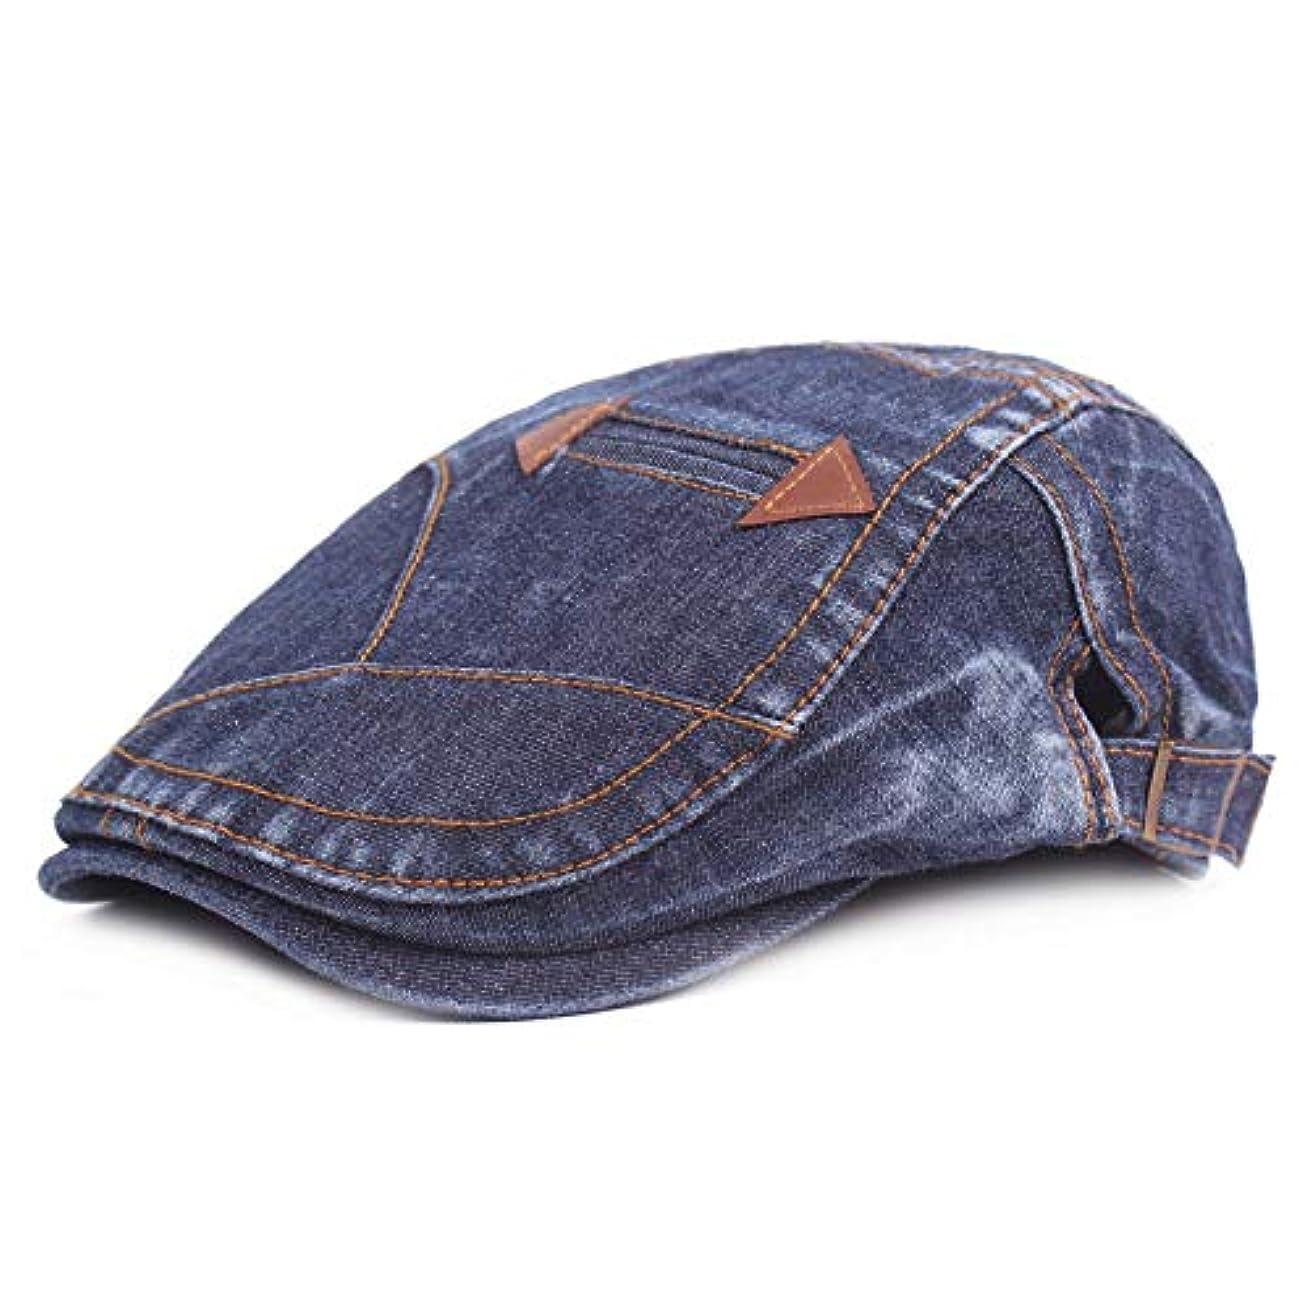 平らにするリール欠員ベレー帽 ユニセックス おしゃれ 綿 ハンチング帽子 紫外線対策調節可能 日よけ 帽子